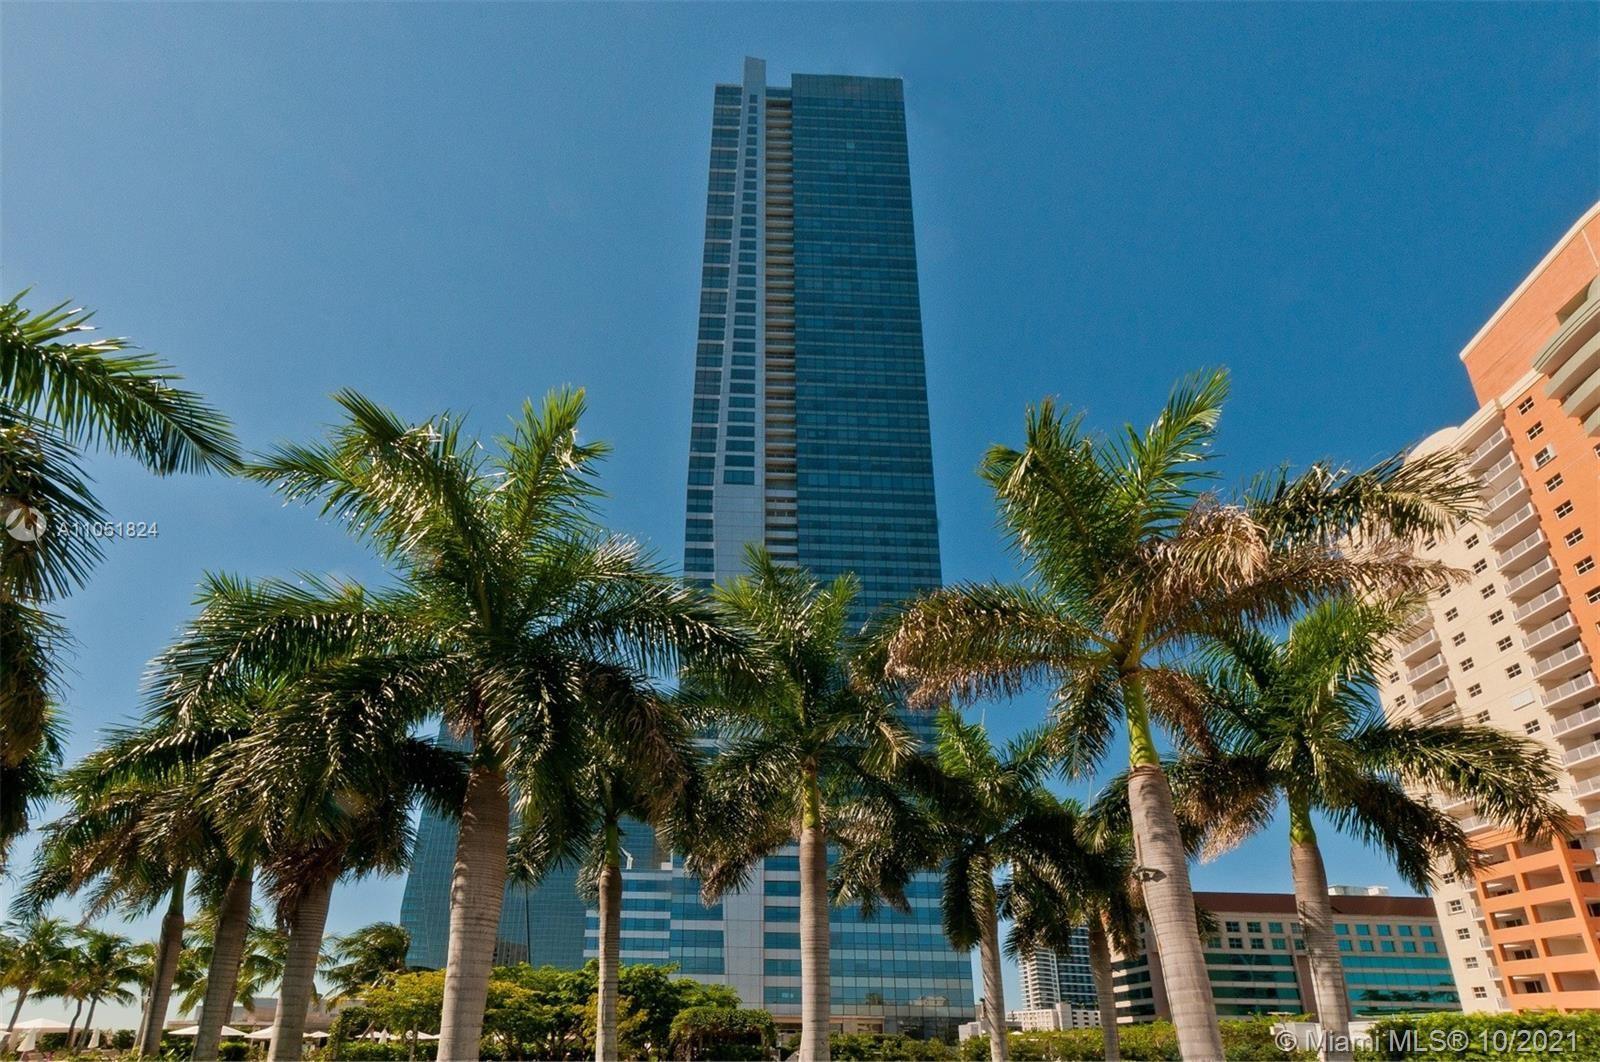 1425 Brickell Ave #62A, Miami, FL 33131 - #: A11051824